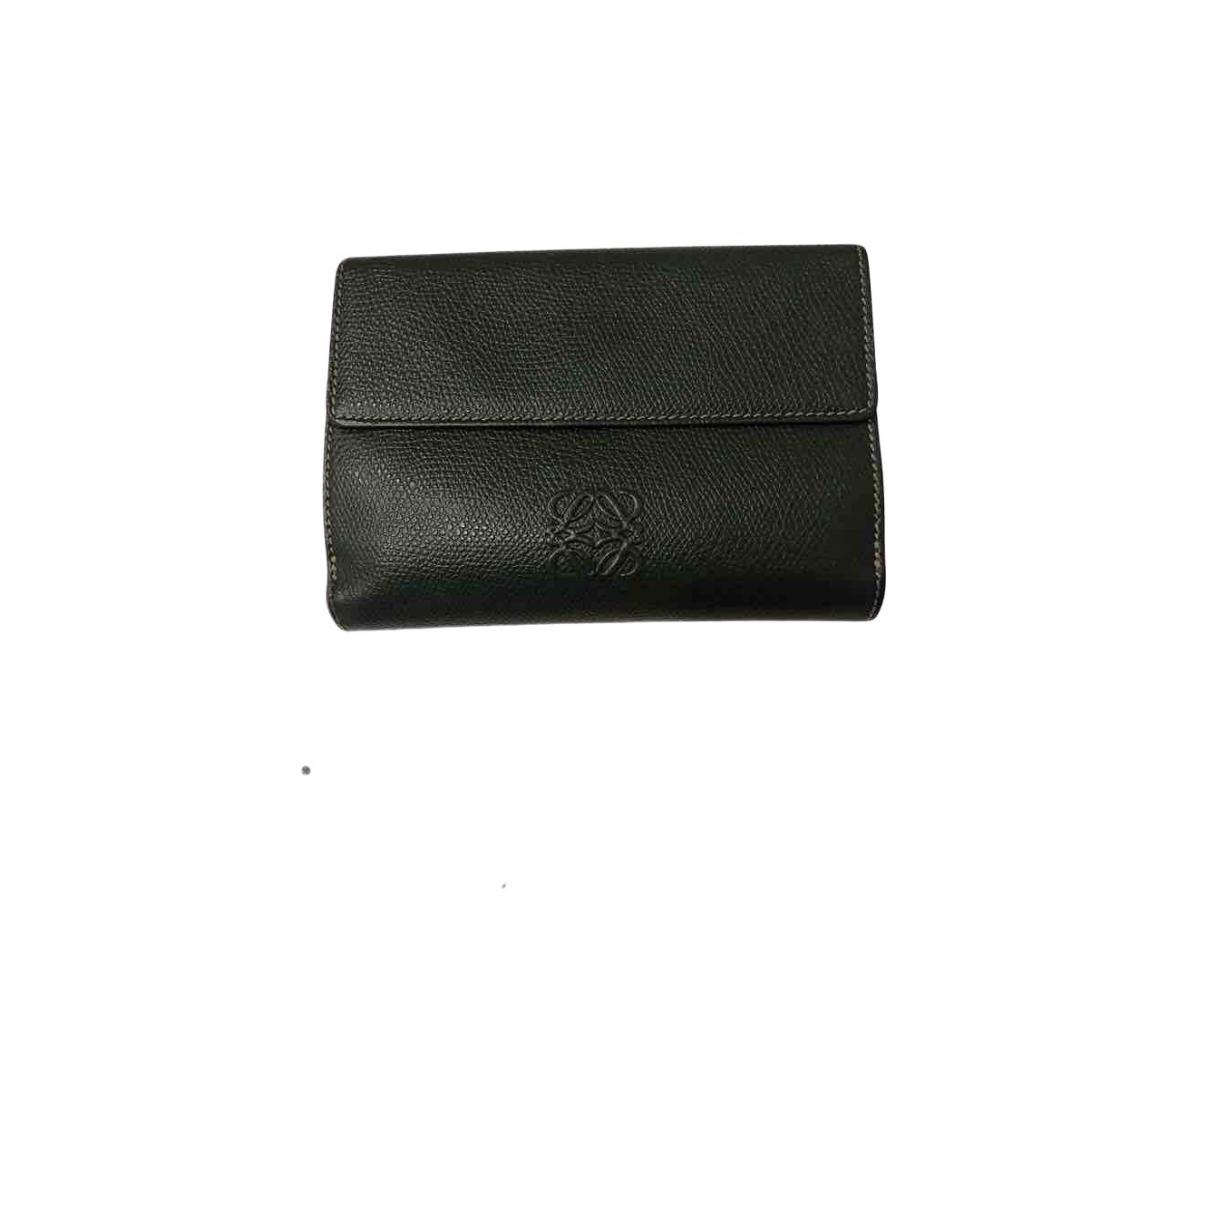 Loewe \N Green Leather wallet for Women \N